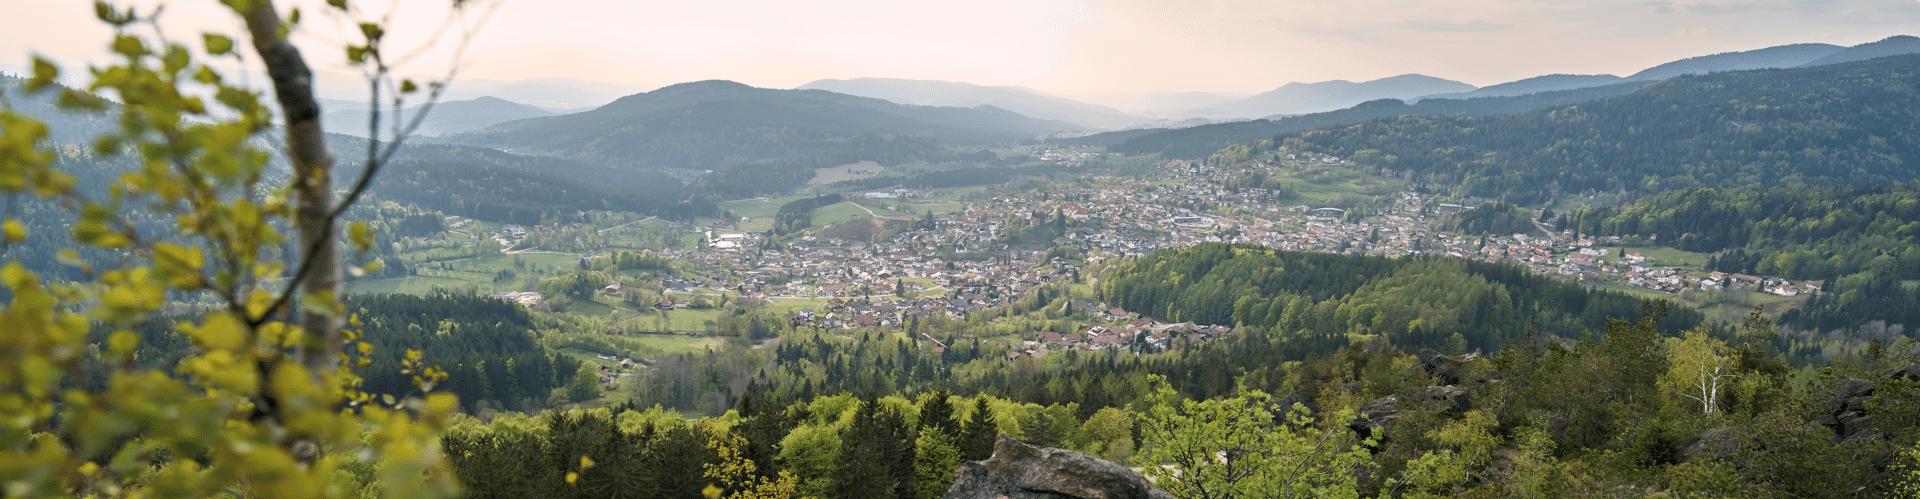 Frühling am Silberberg